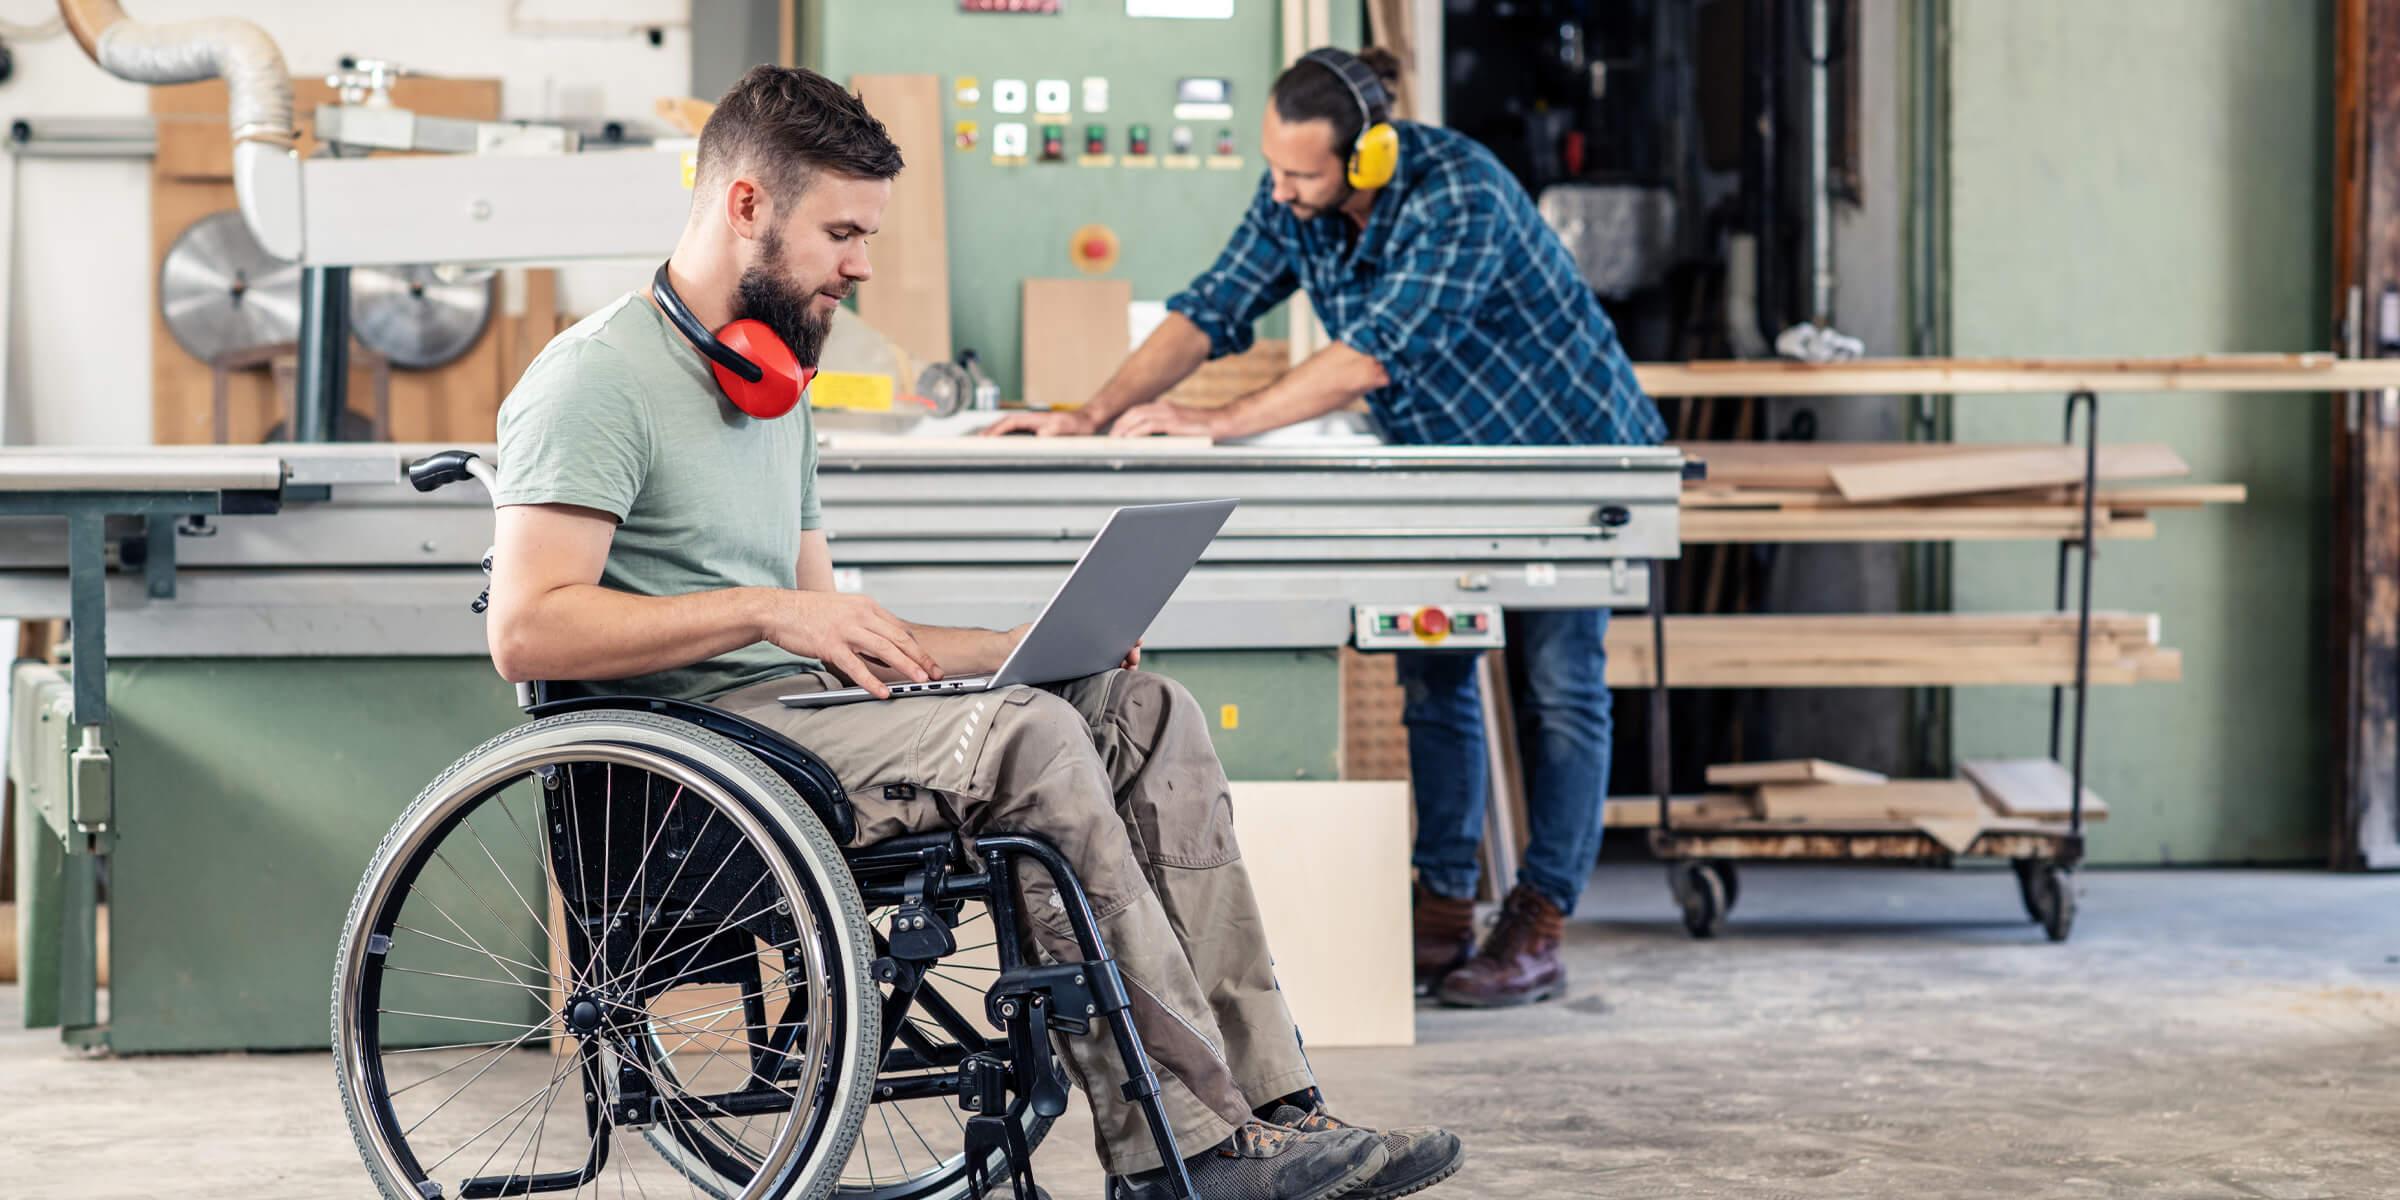 Junger Mensch sitzt im Rollstuhl und schaut in seinen Laptop, im Hintergrund sieht man, dass er in einer Werkstatt ist und ein anderer junger Mensch dort an einer Werkbank mit Holz arbeitet